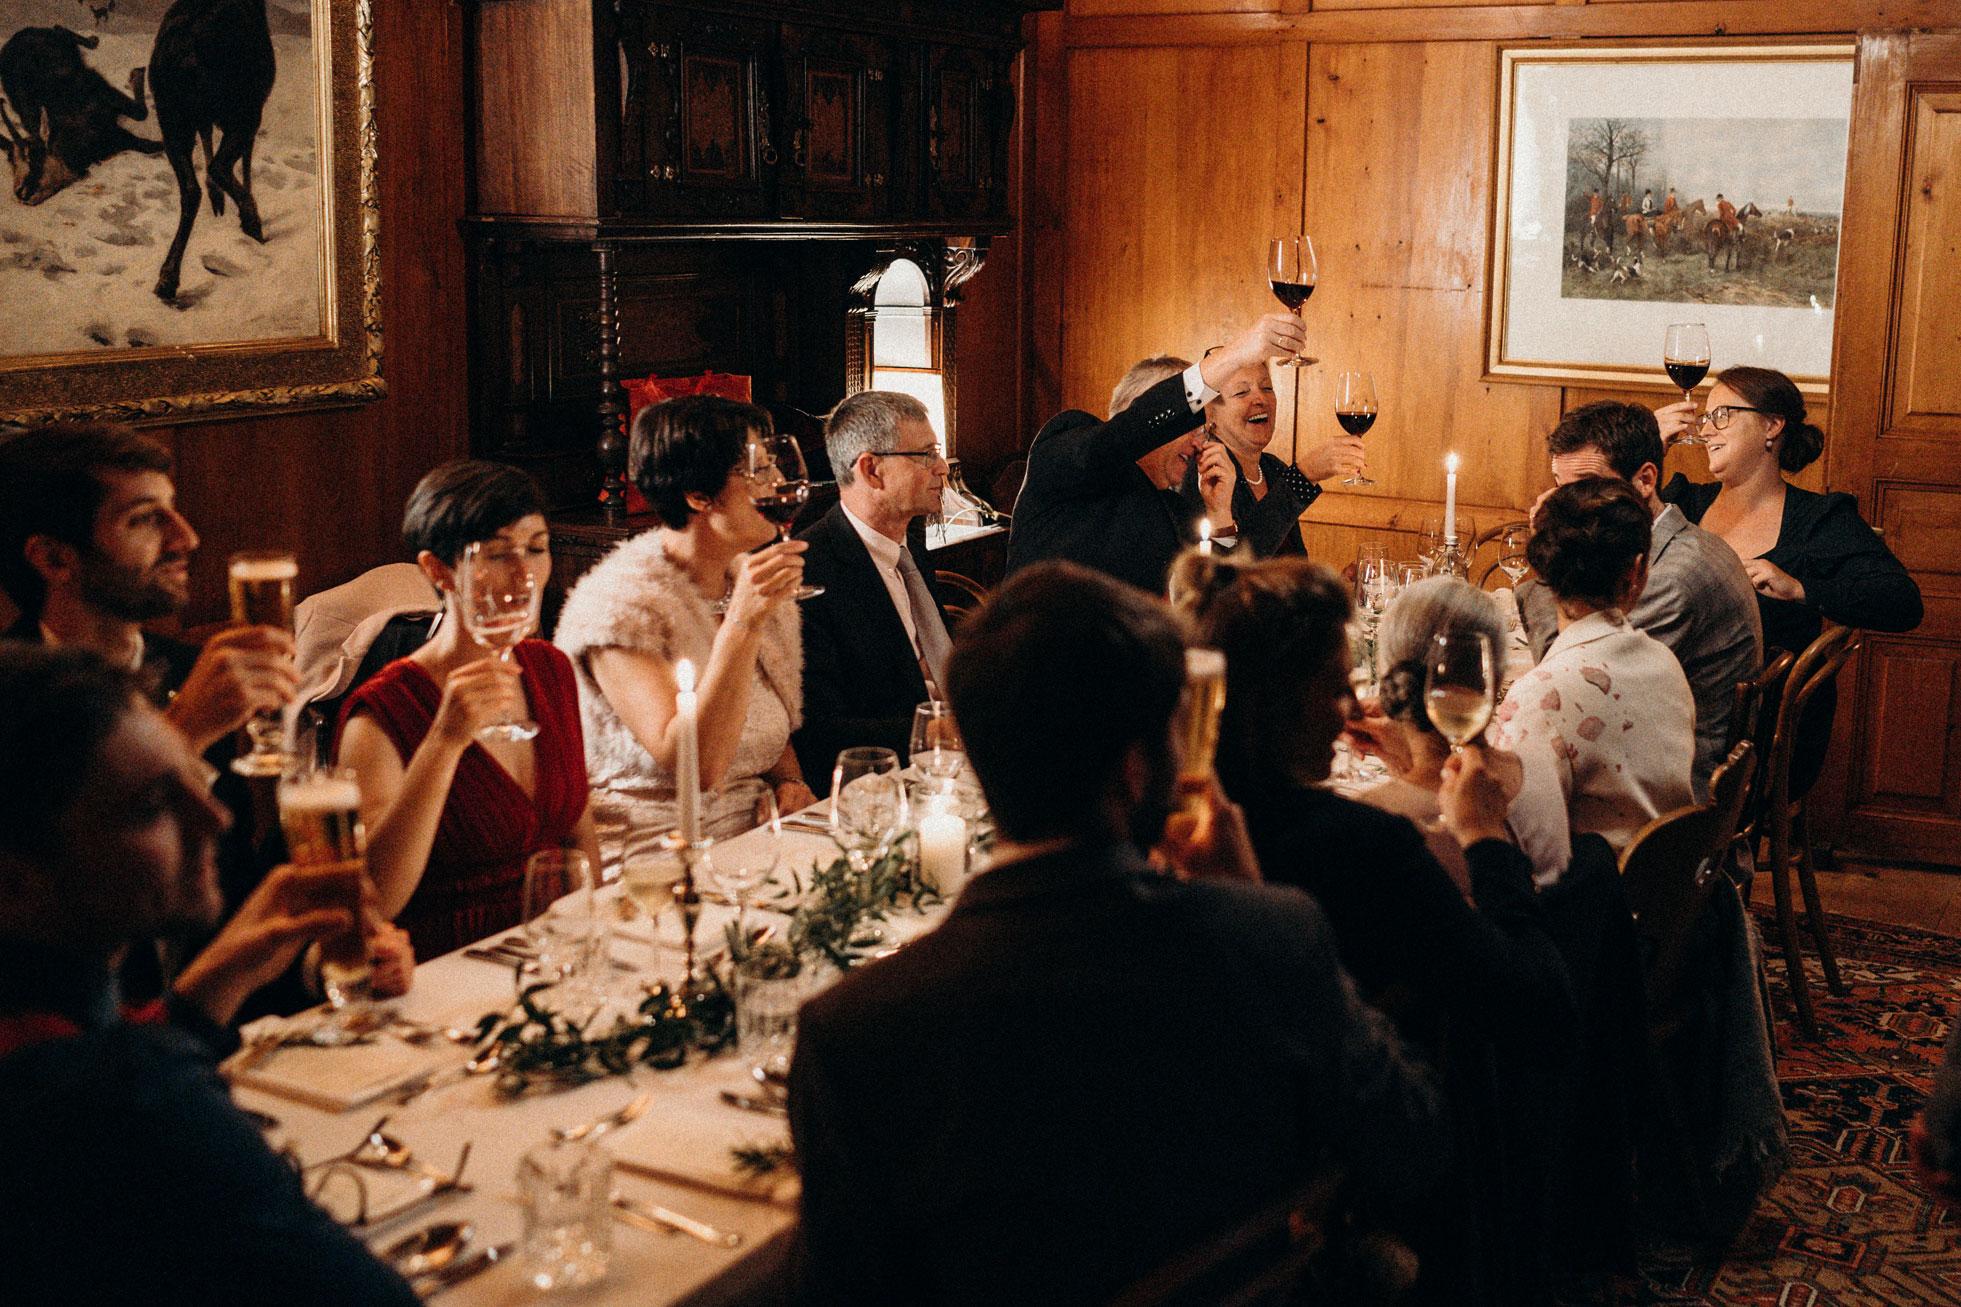 Hochzeit_Claire_Manuel_Villa_Maund_Daniel_Jenny-527.jpg